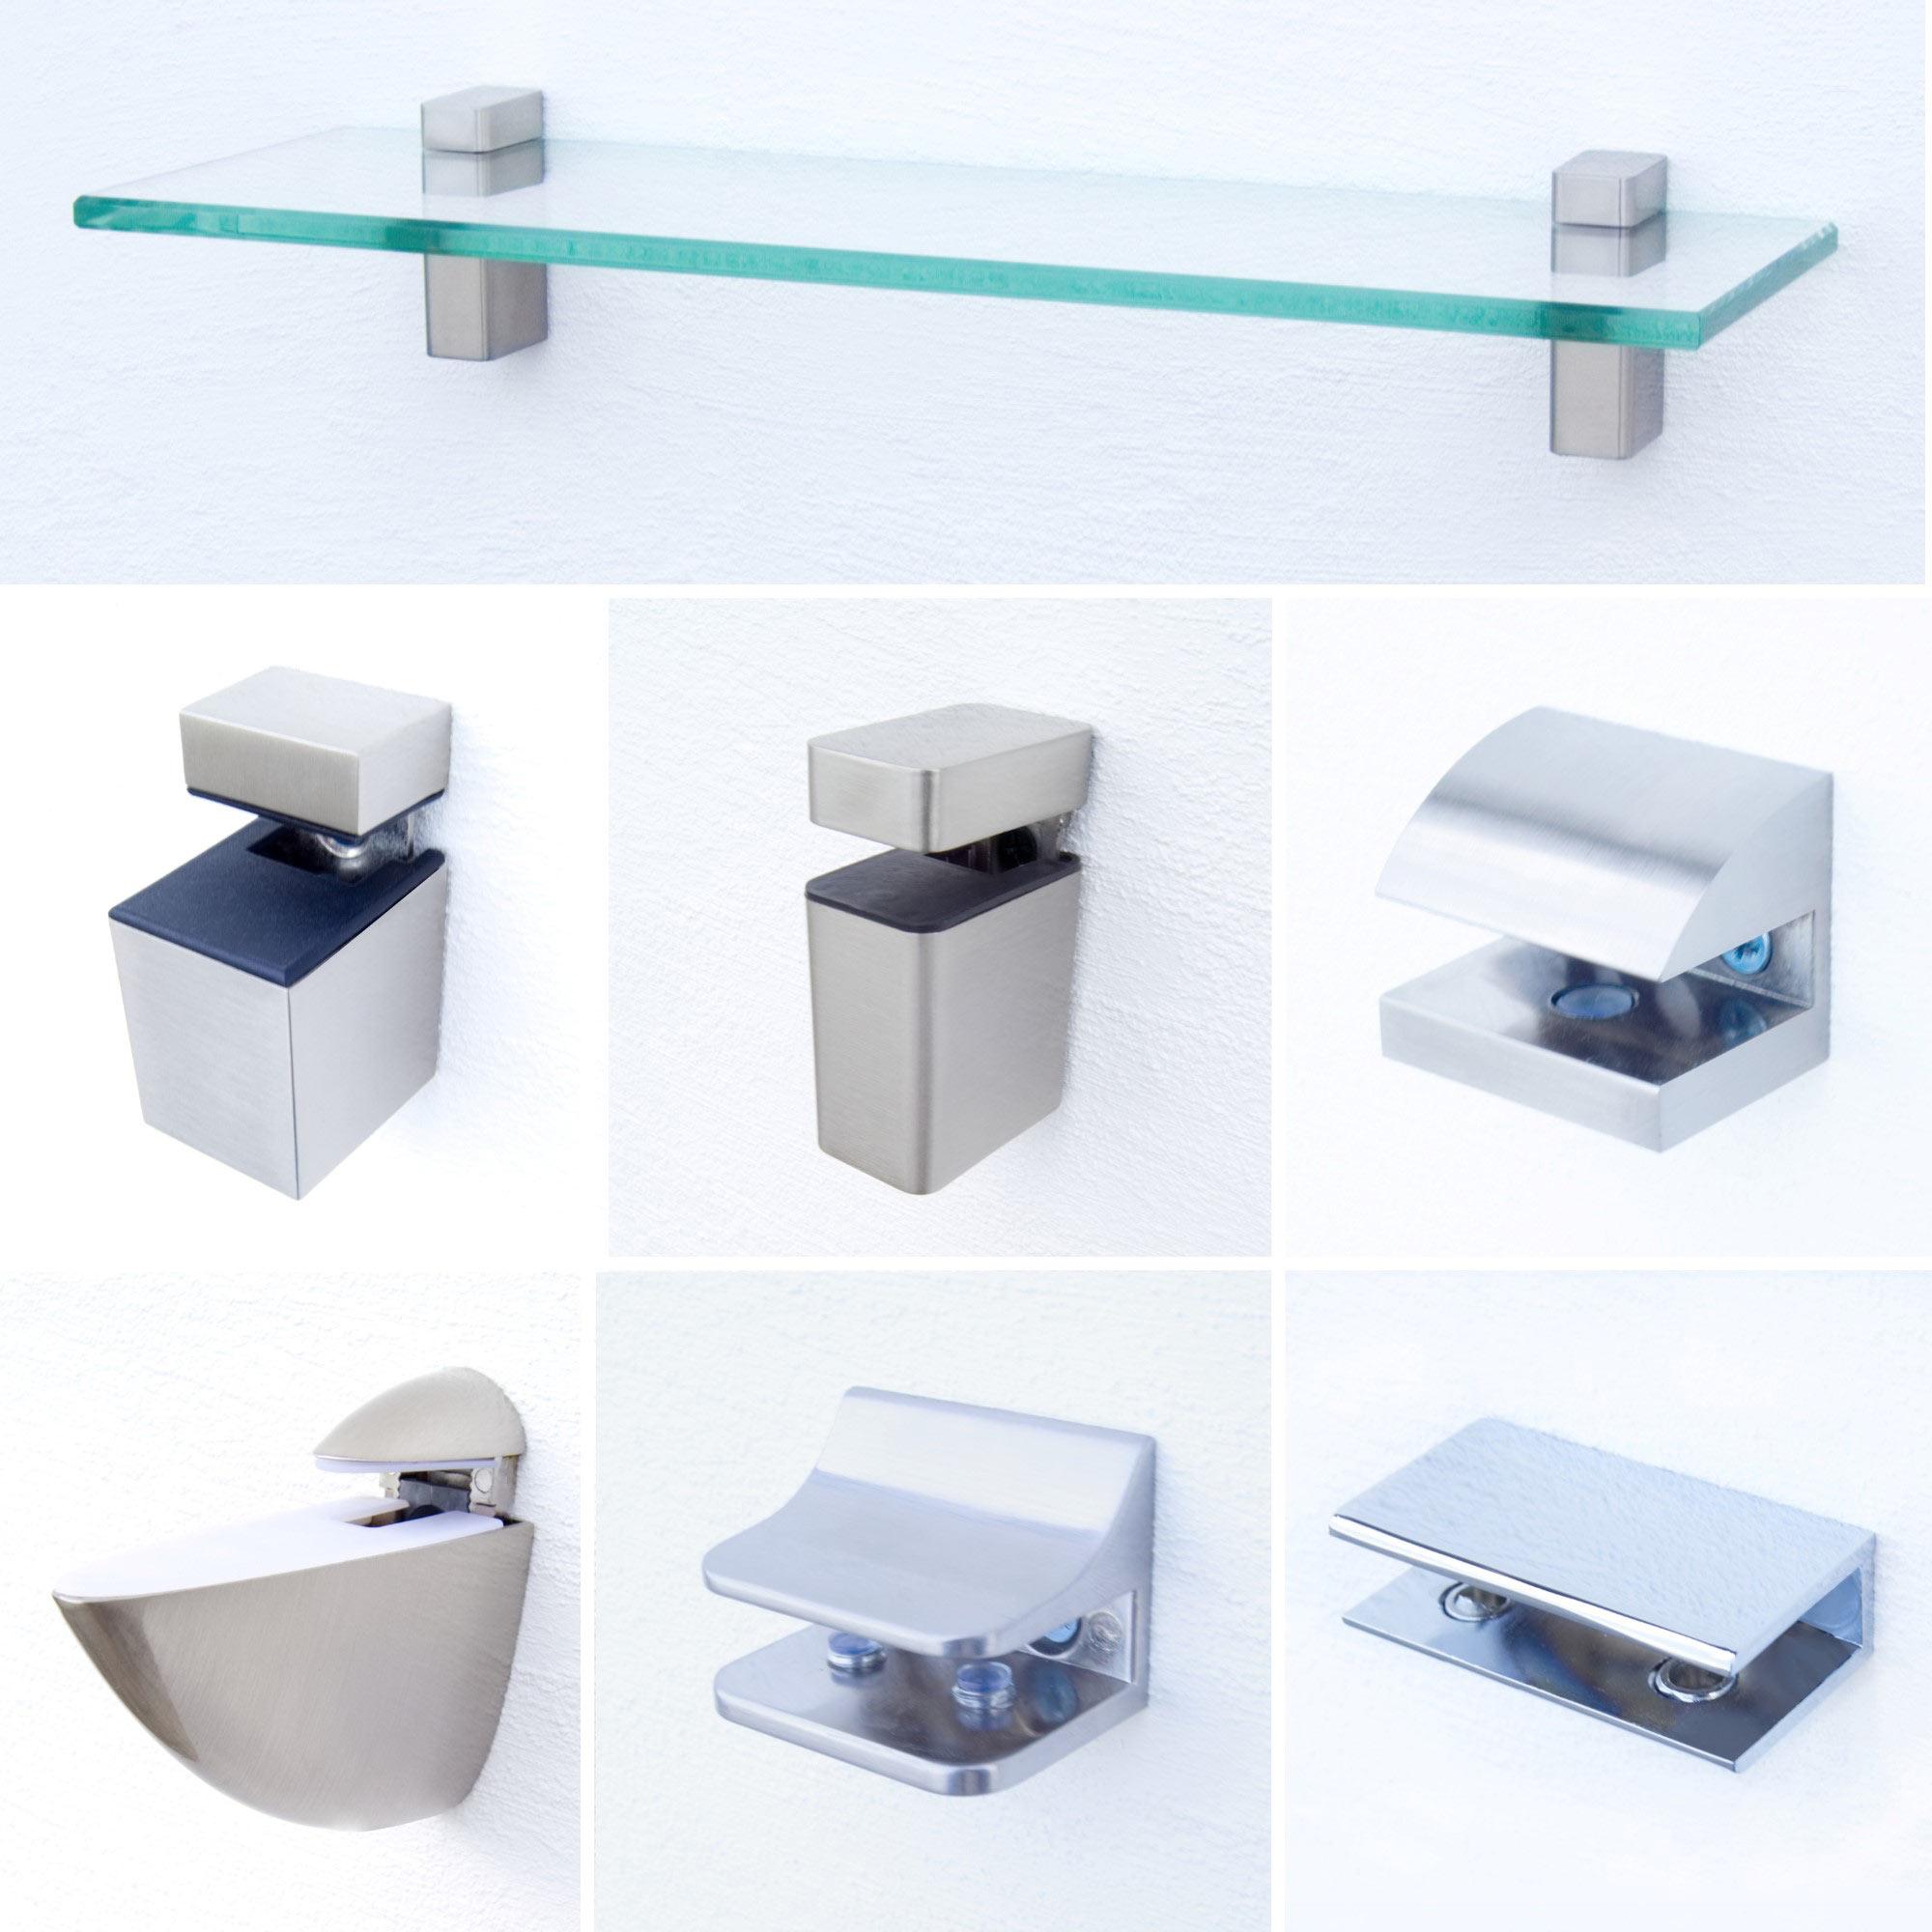 Befestigungsset für Glasregale - Verschiedene Modelle